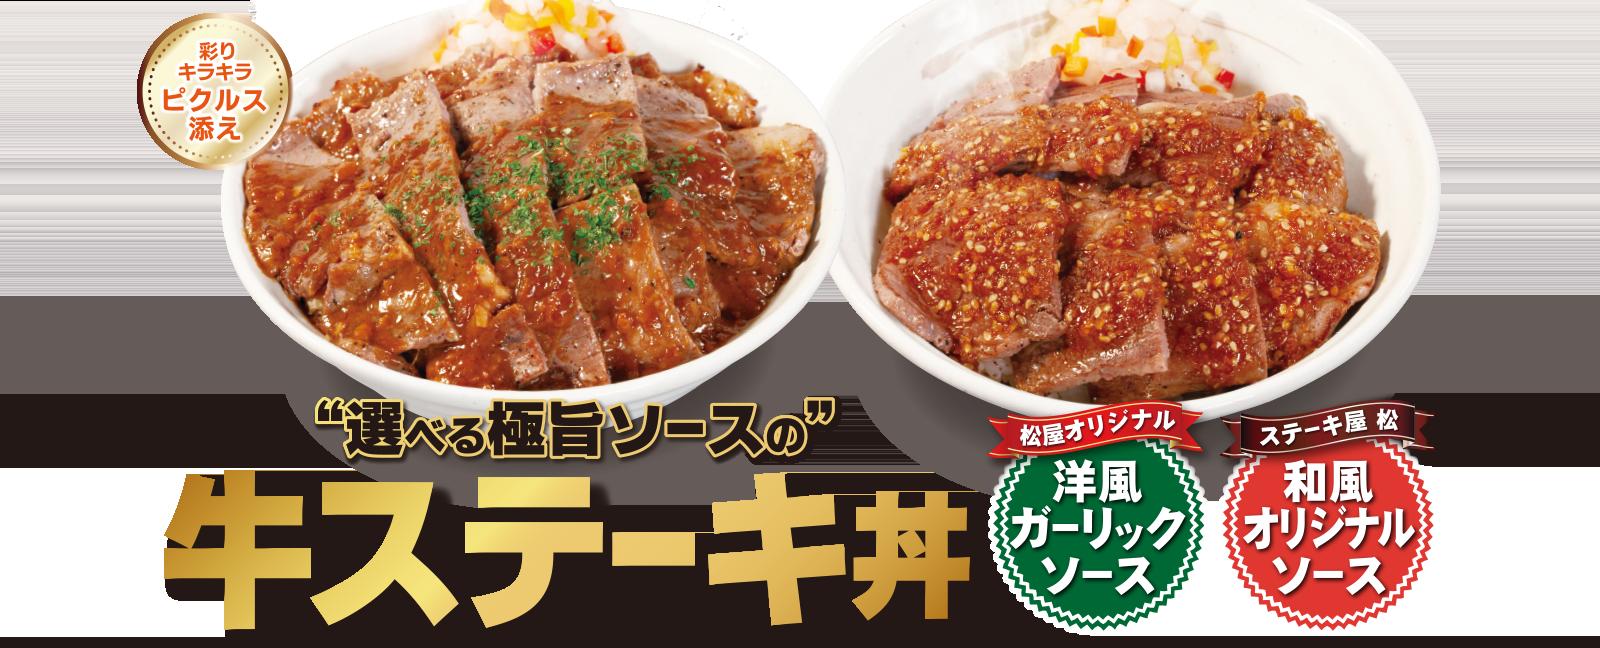 選べる極旨ソースの牛ステーキ丼新発売!